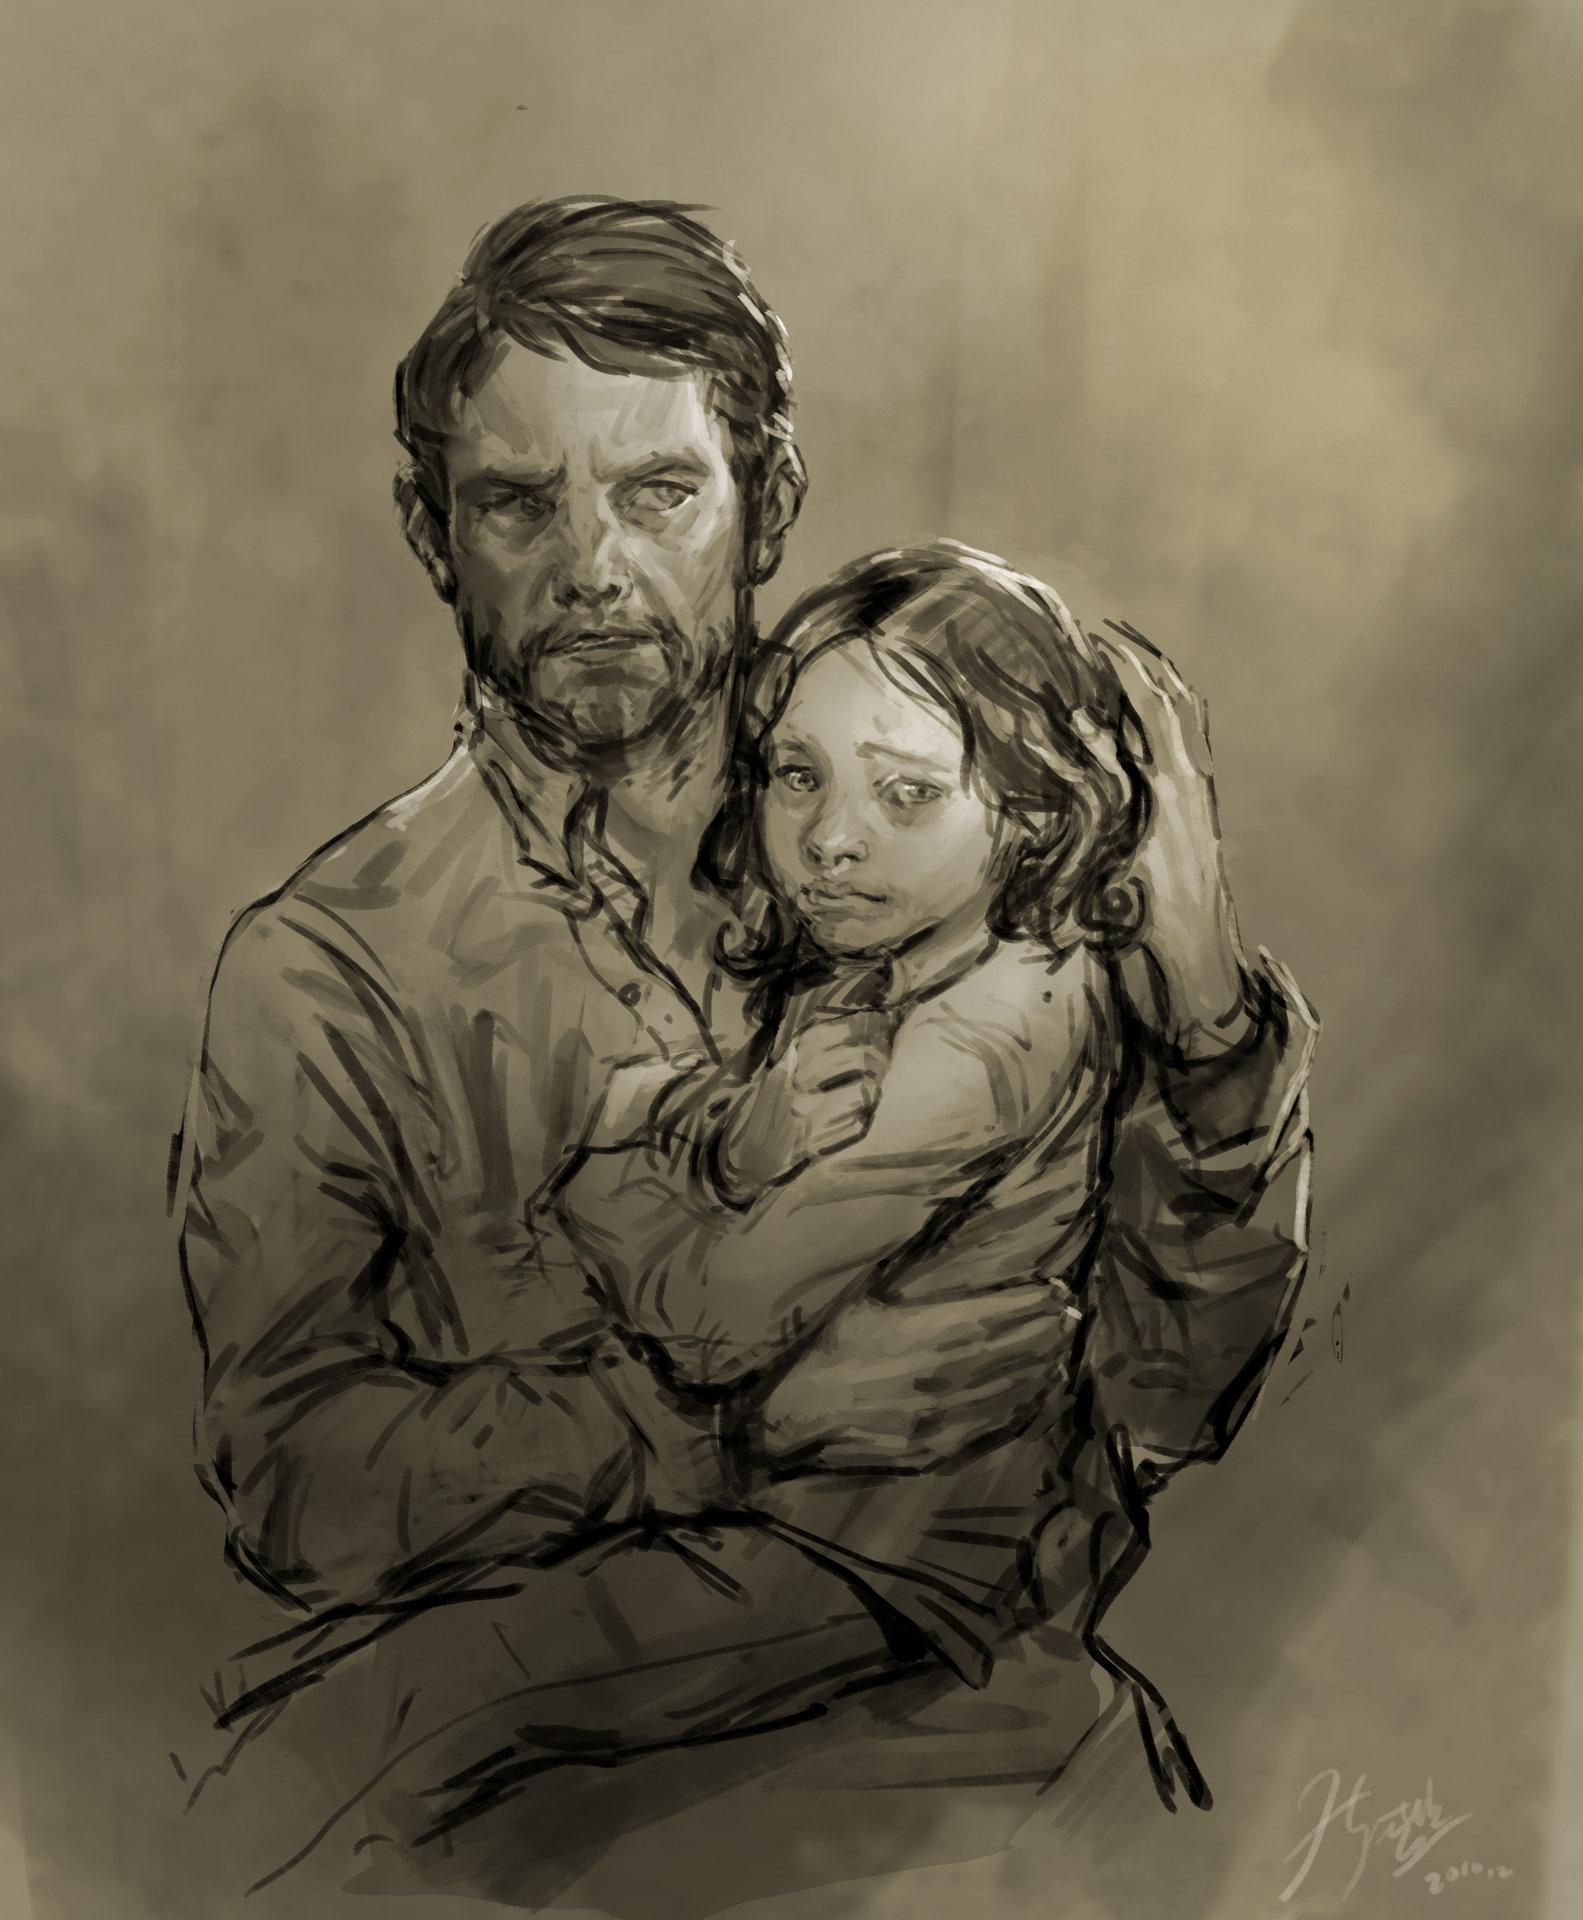 Joel daughter sk hn 03